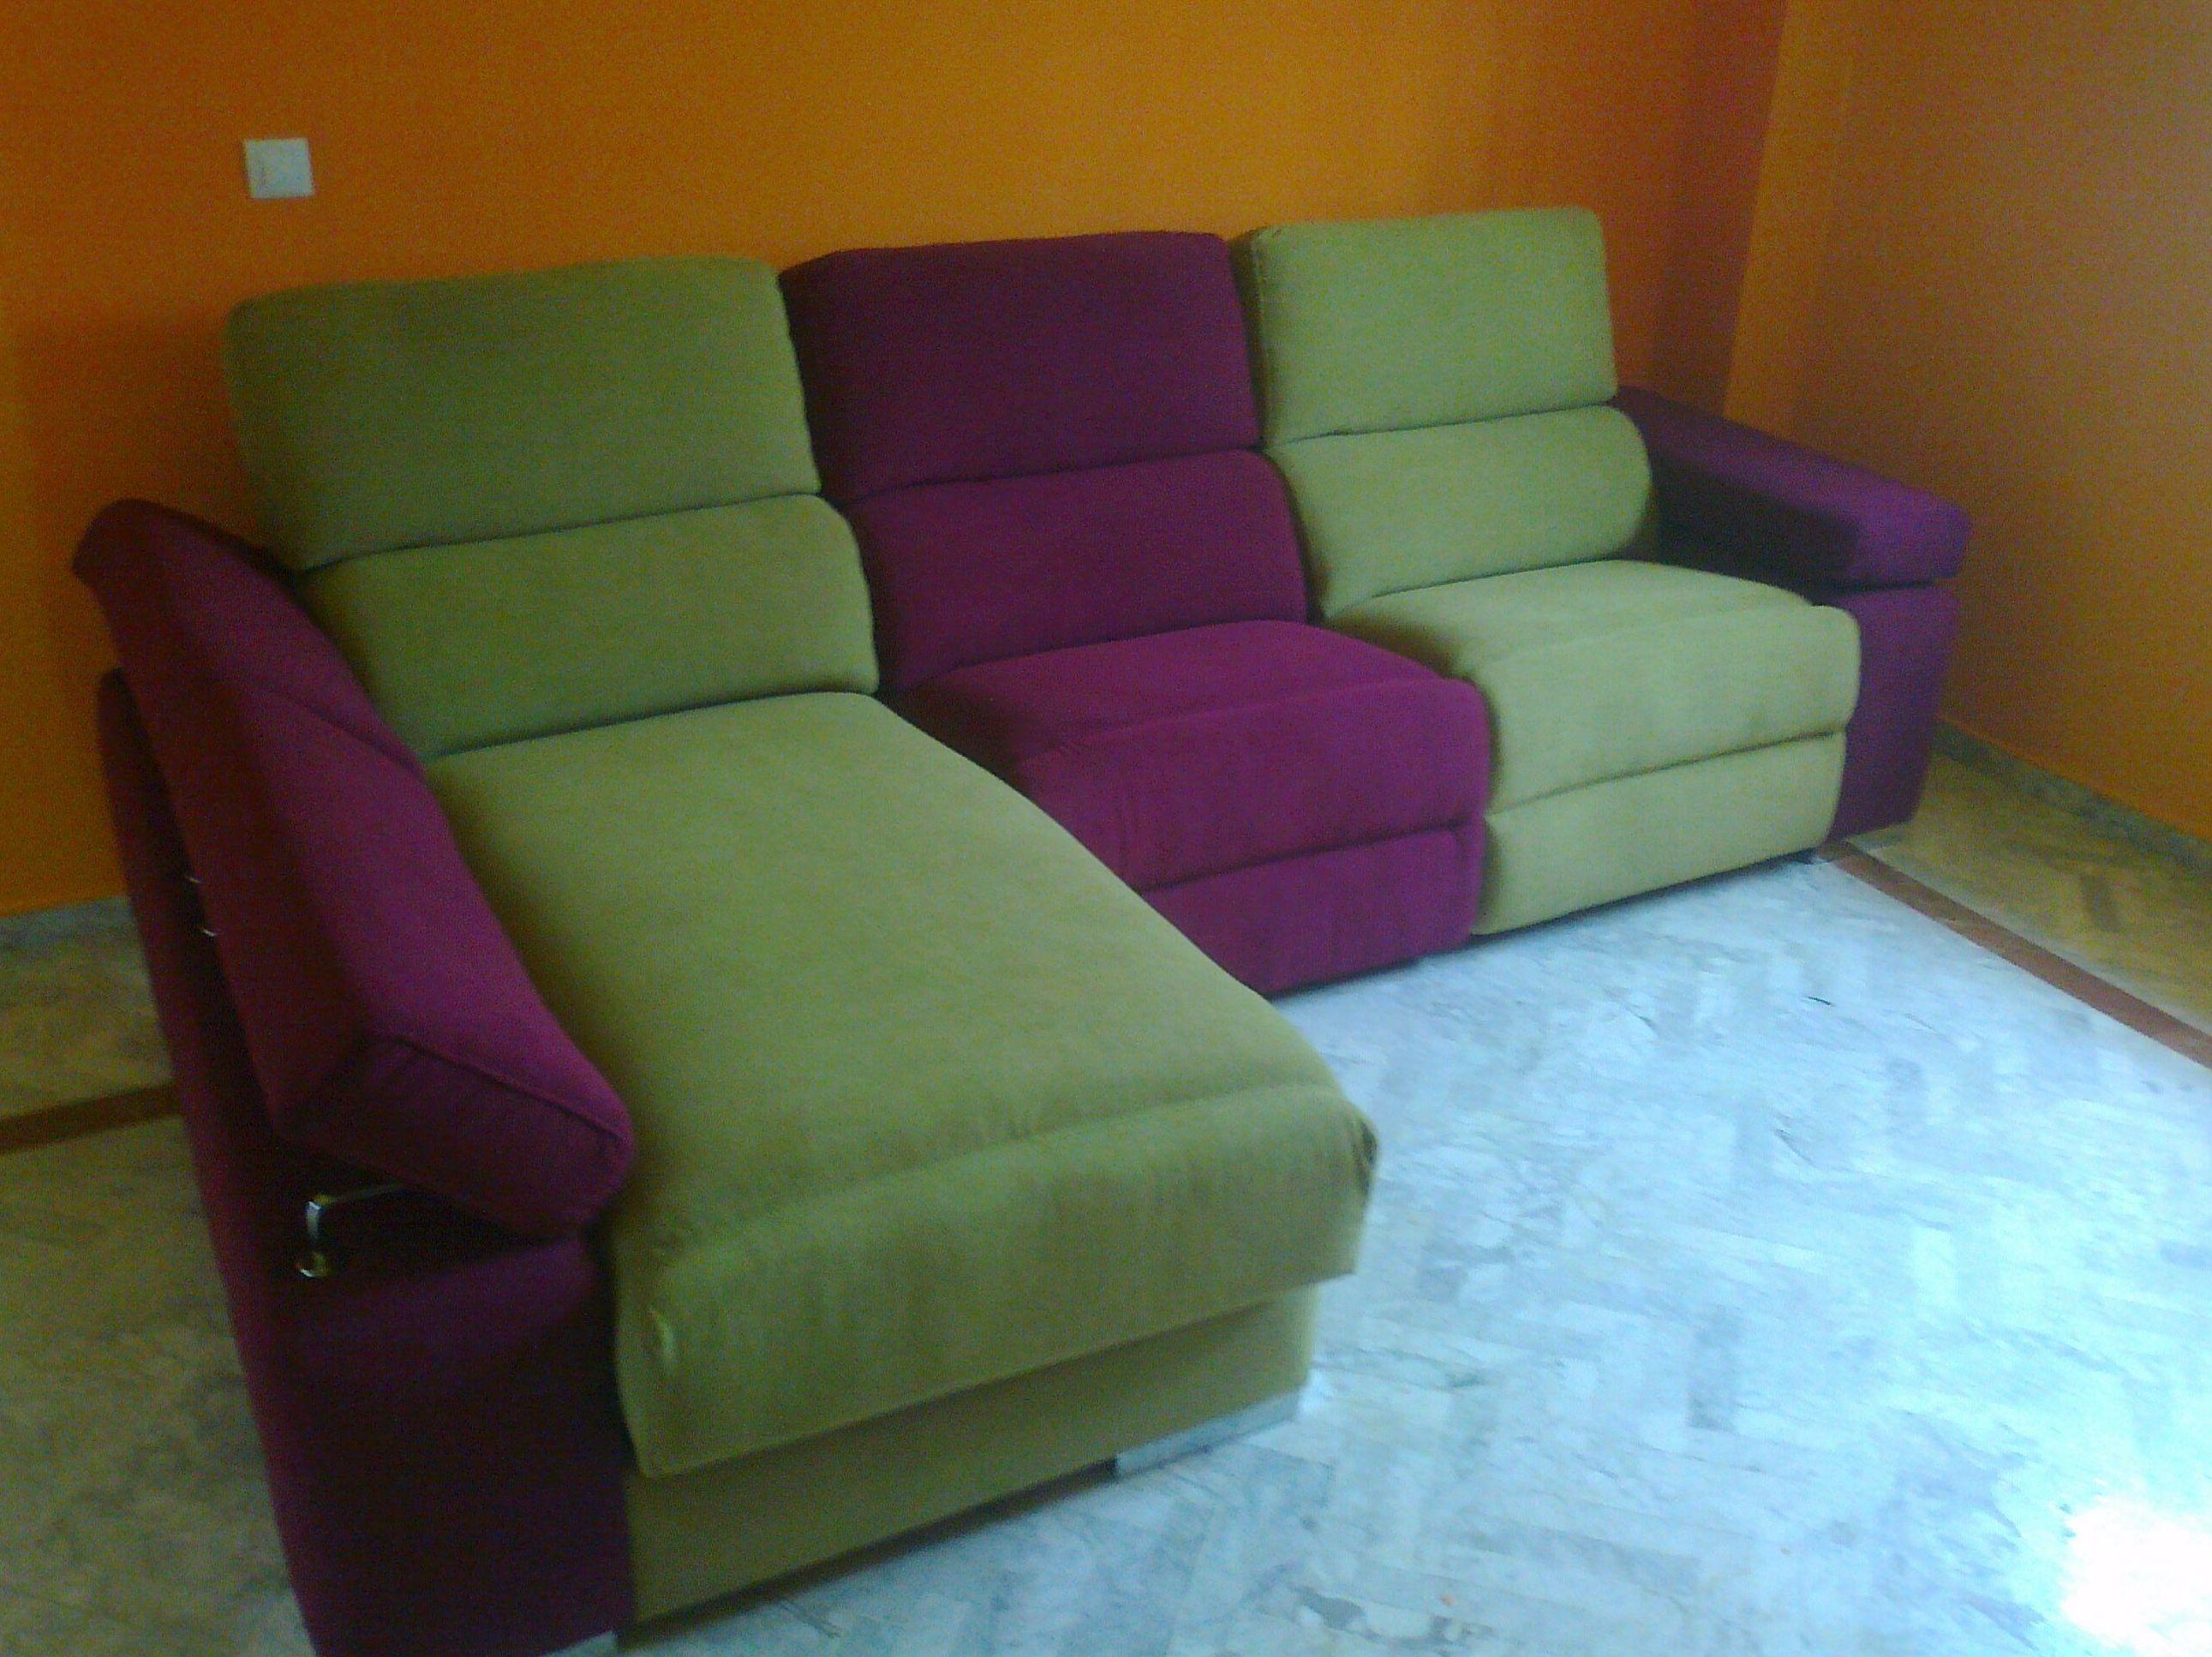 Venta de sofás en Cádiz